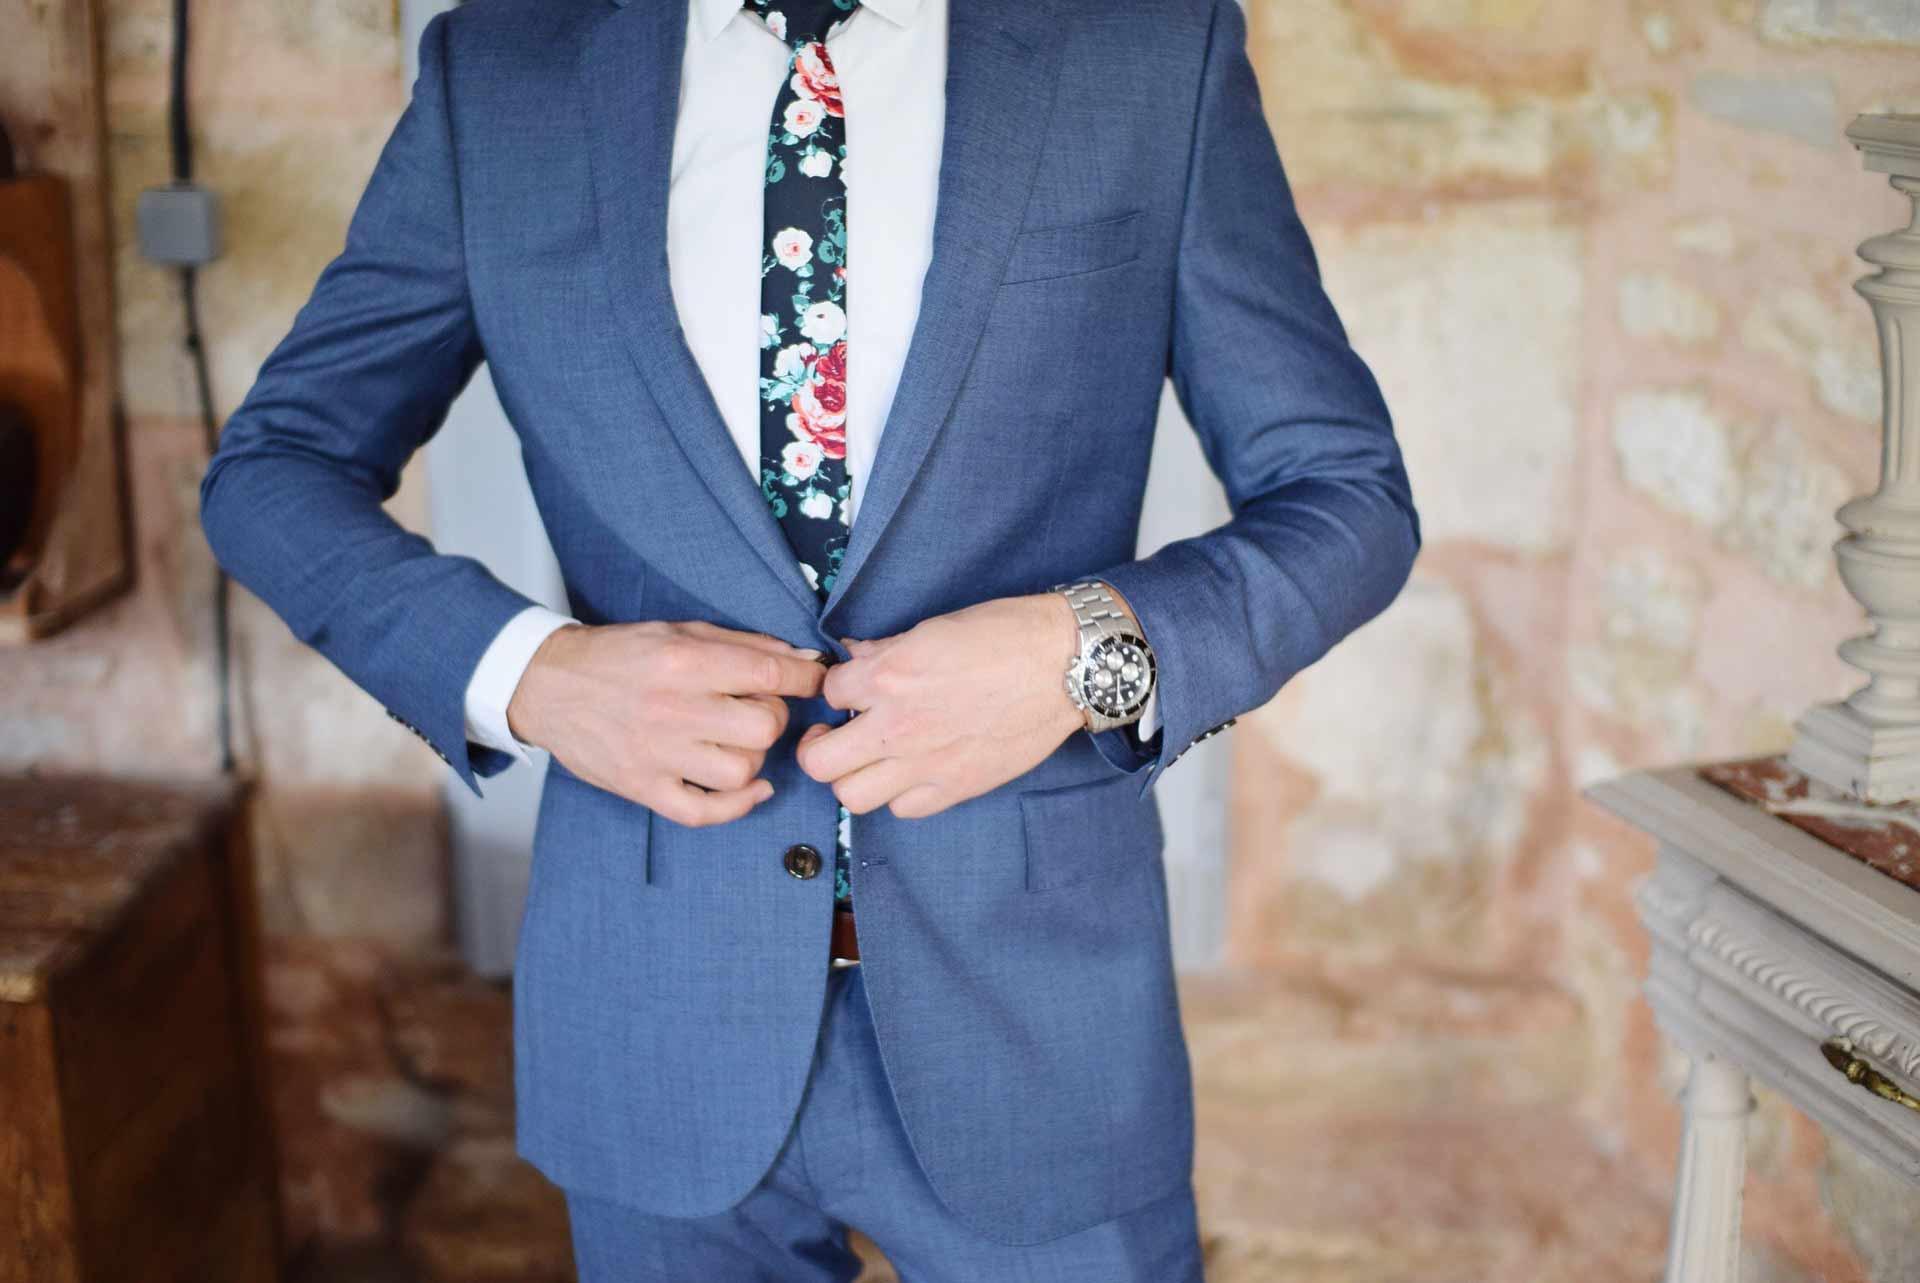 スーツを着る人